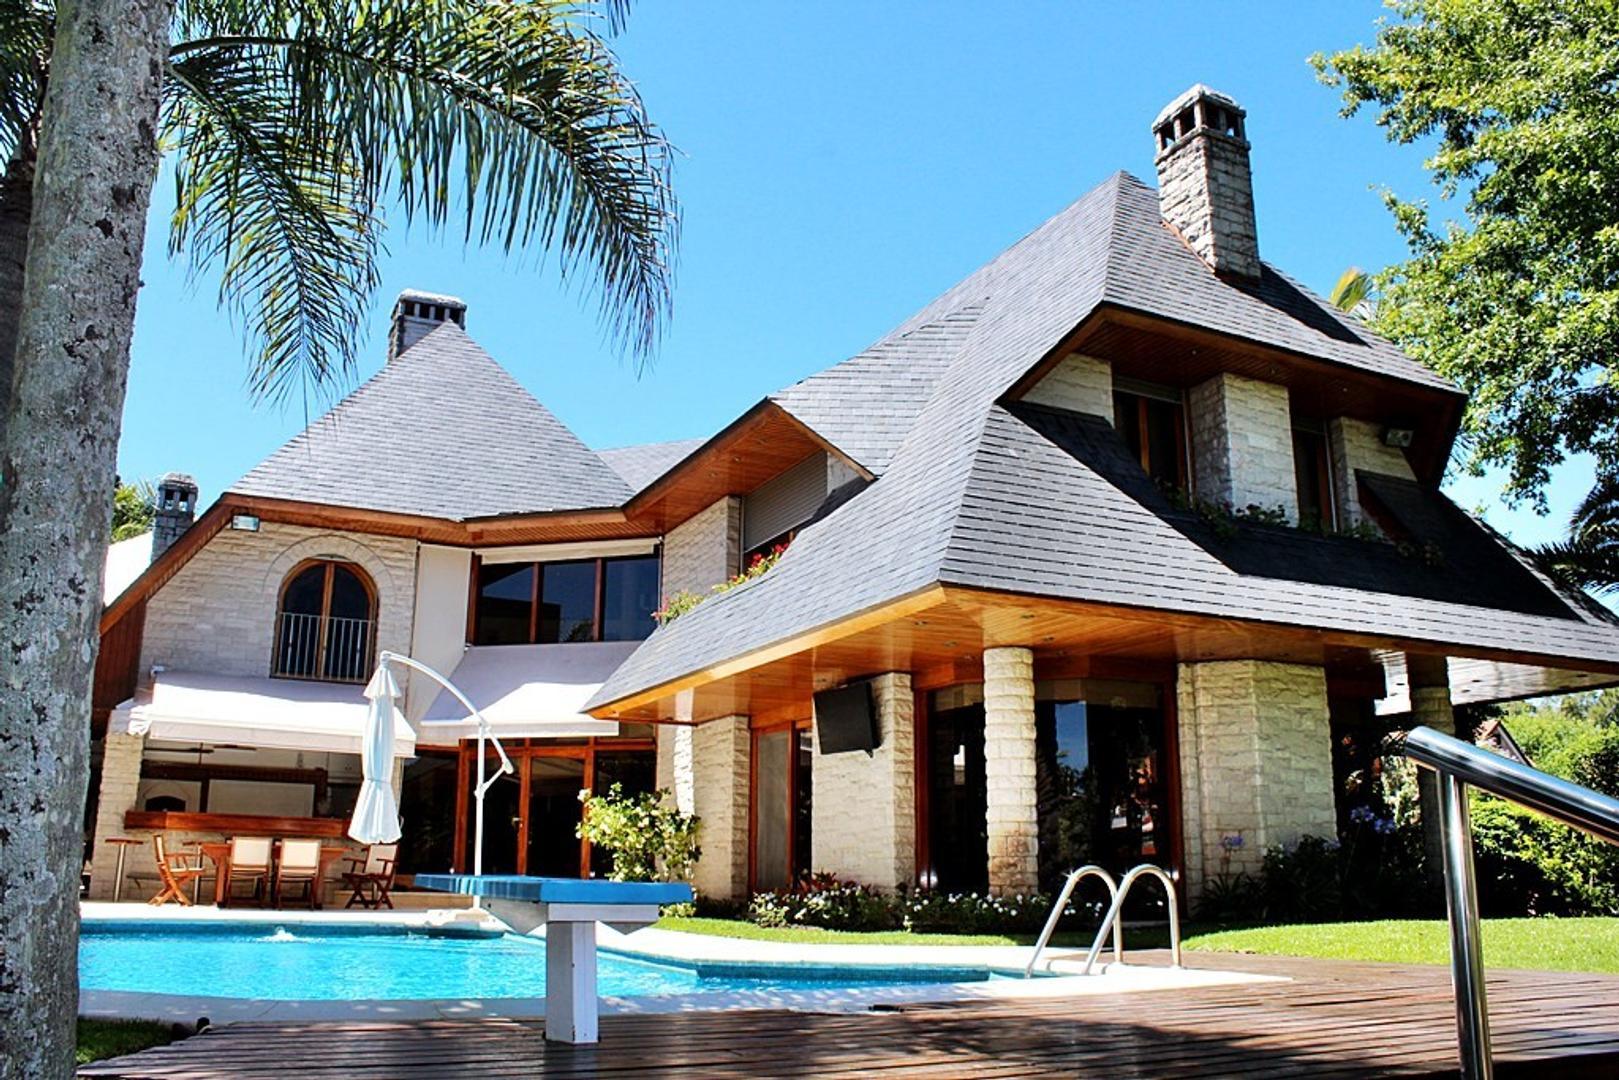 Casa en Alquiler en Bahia Del Sol - 7 ambientes